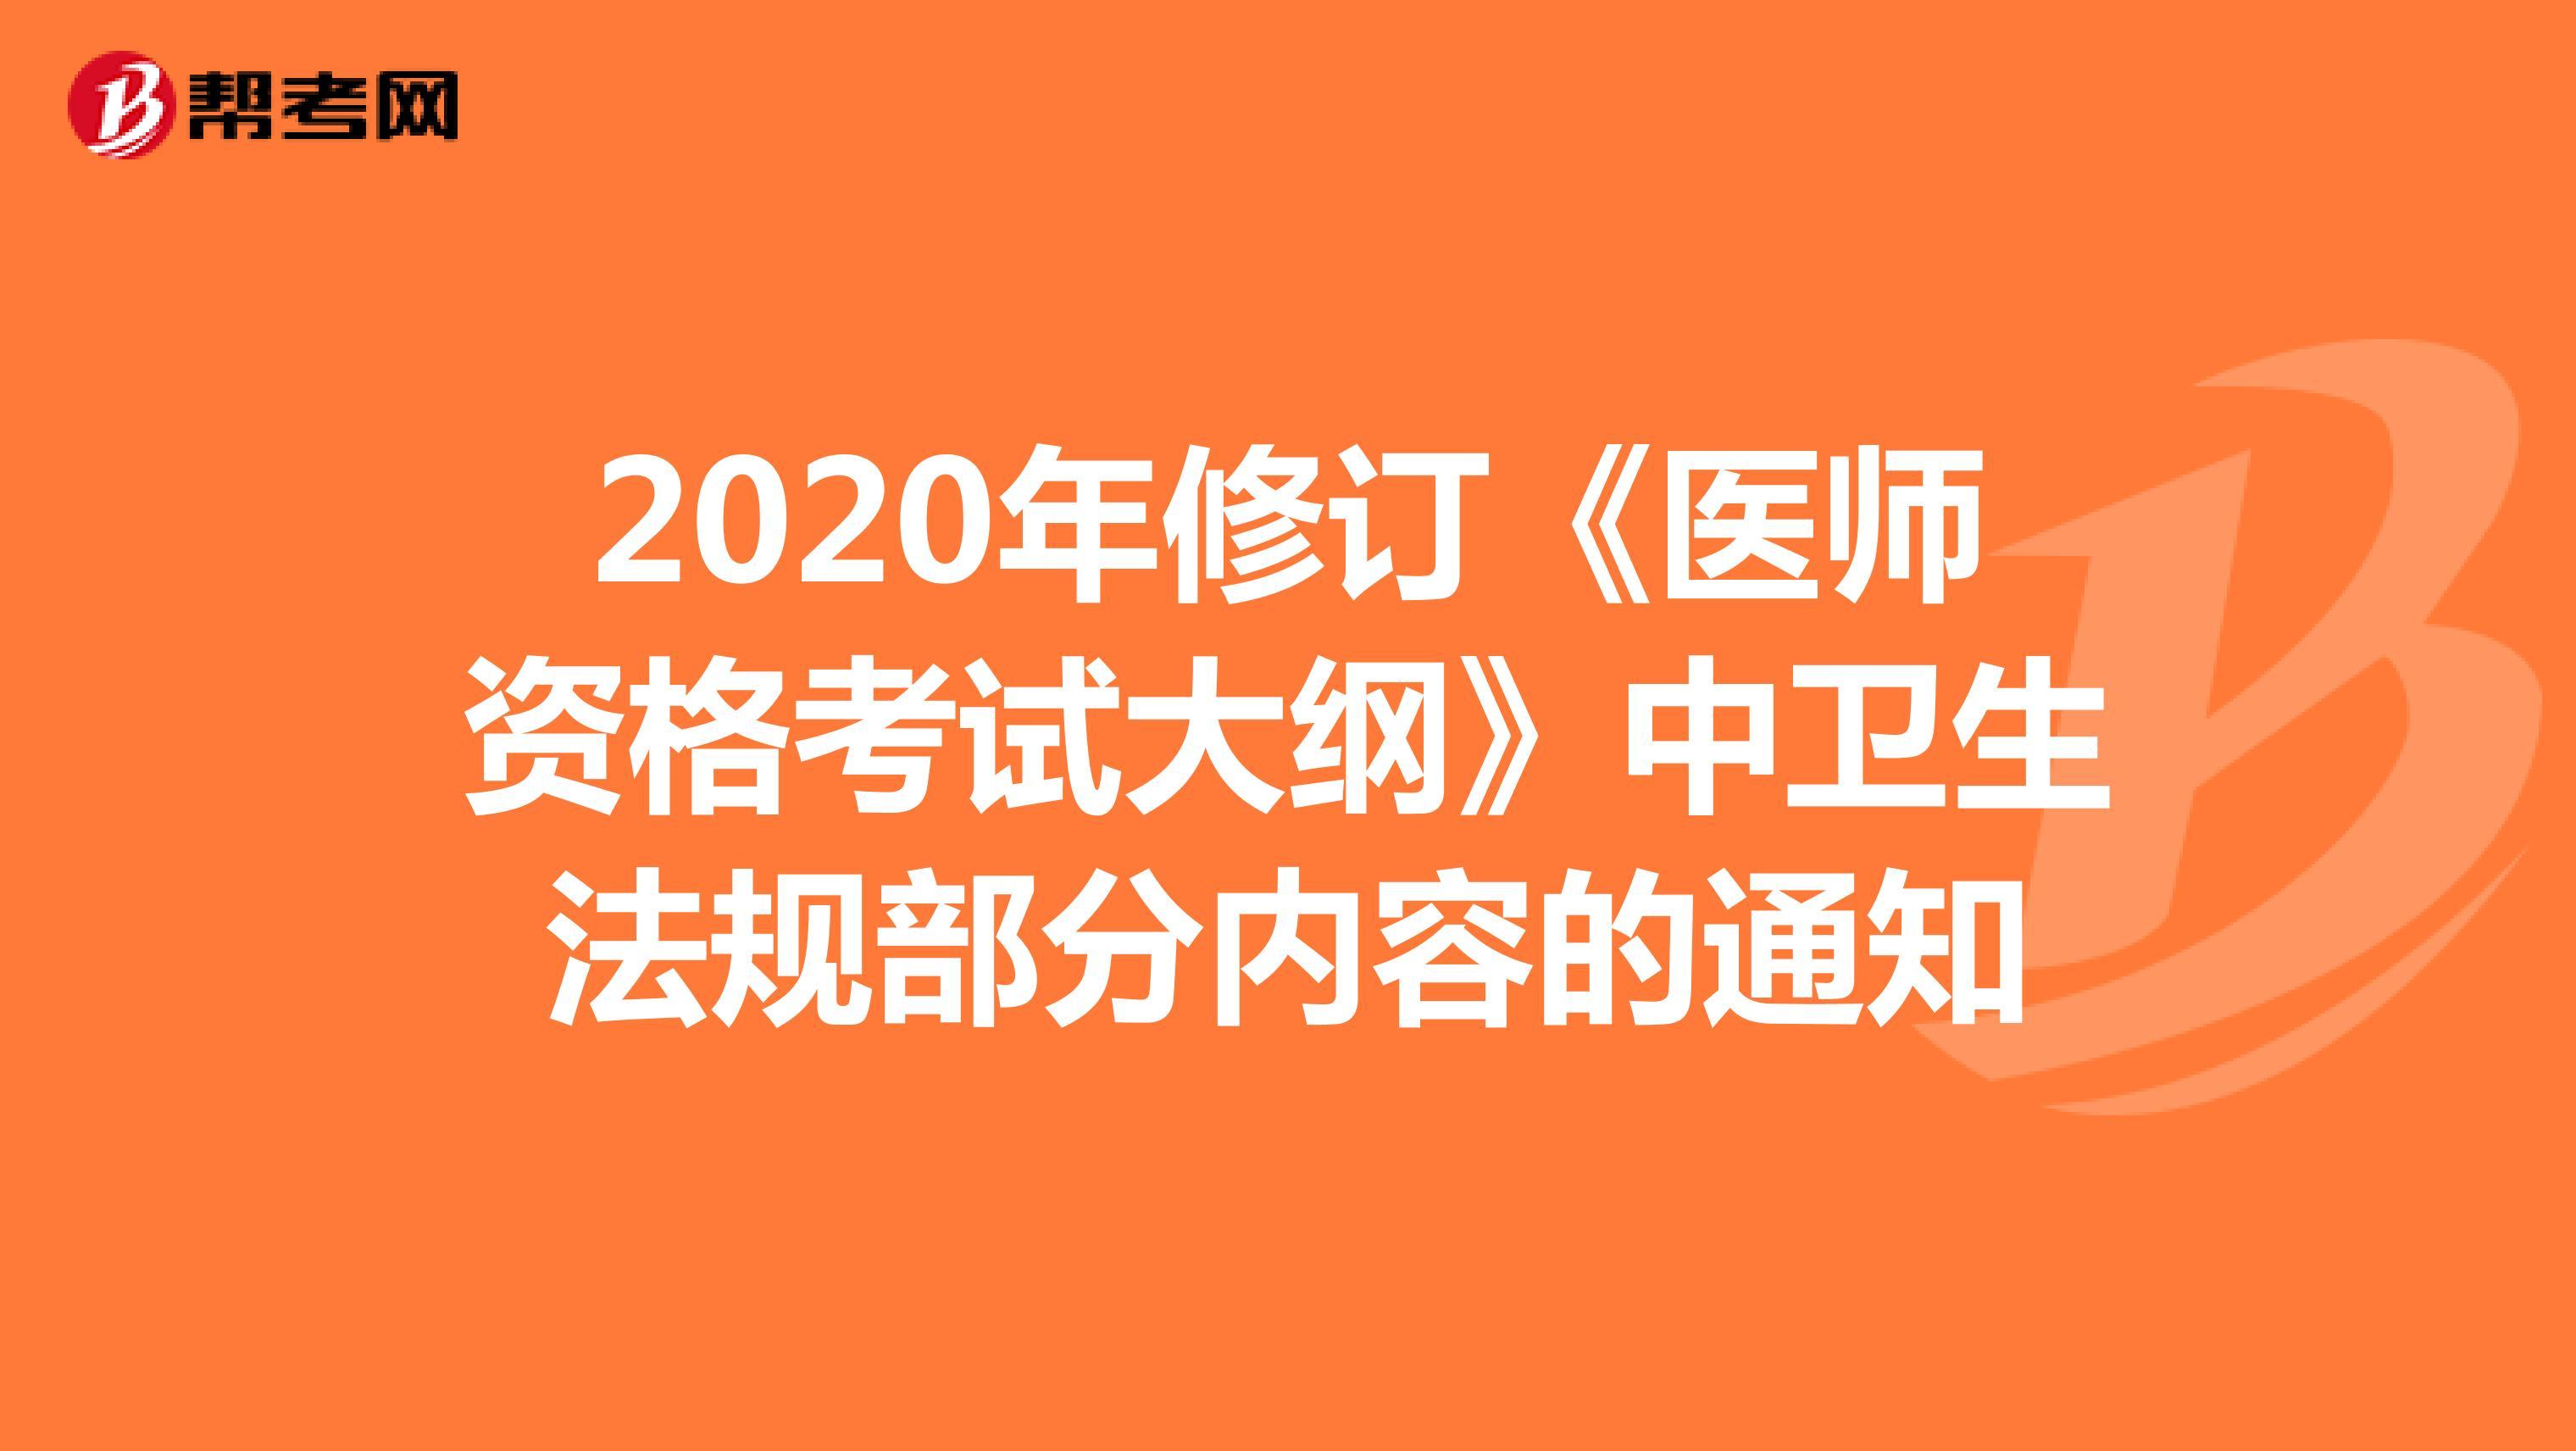 2020年修訂《醫師資格考試大綱》中衛生法規部分內容的通知